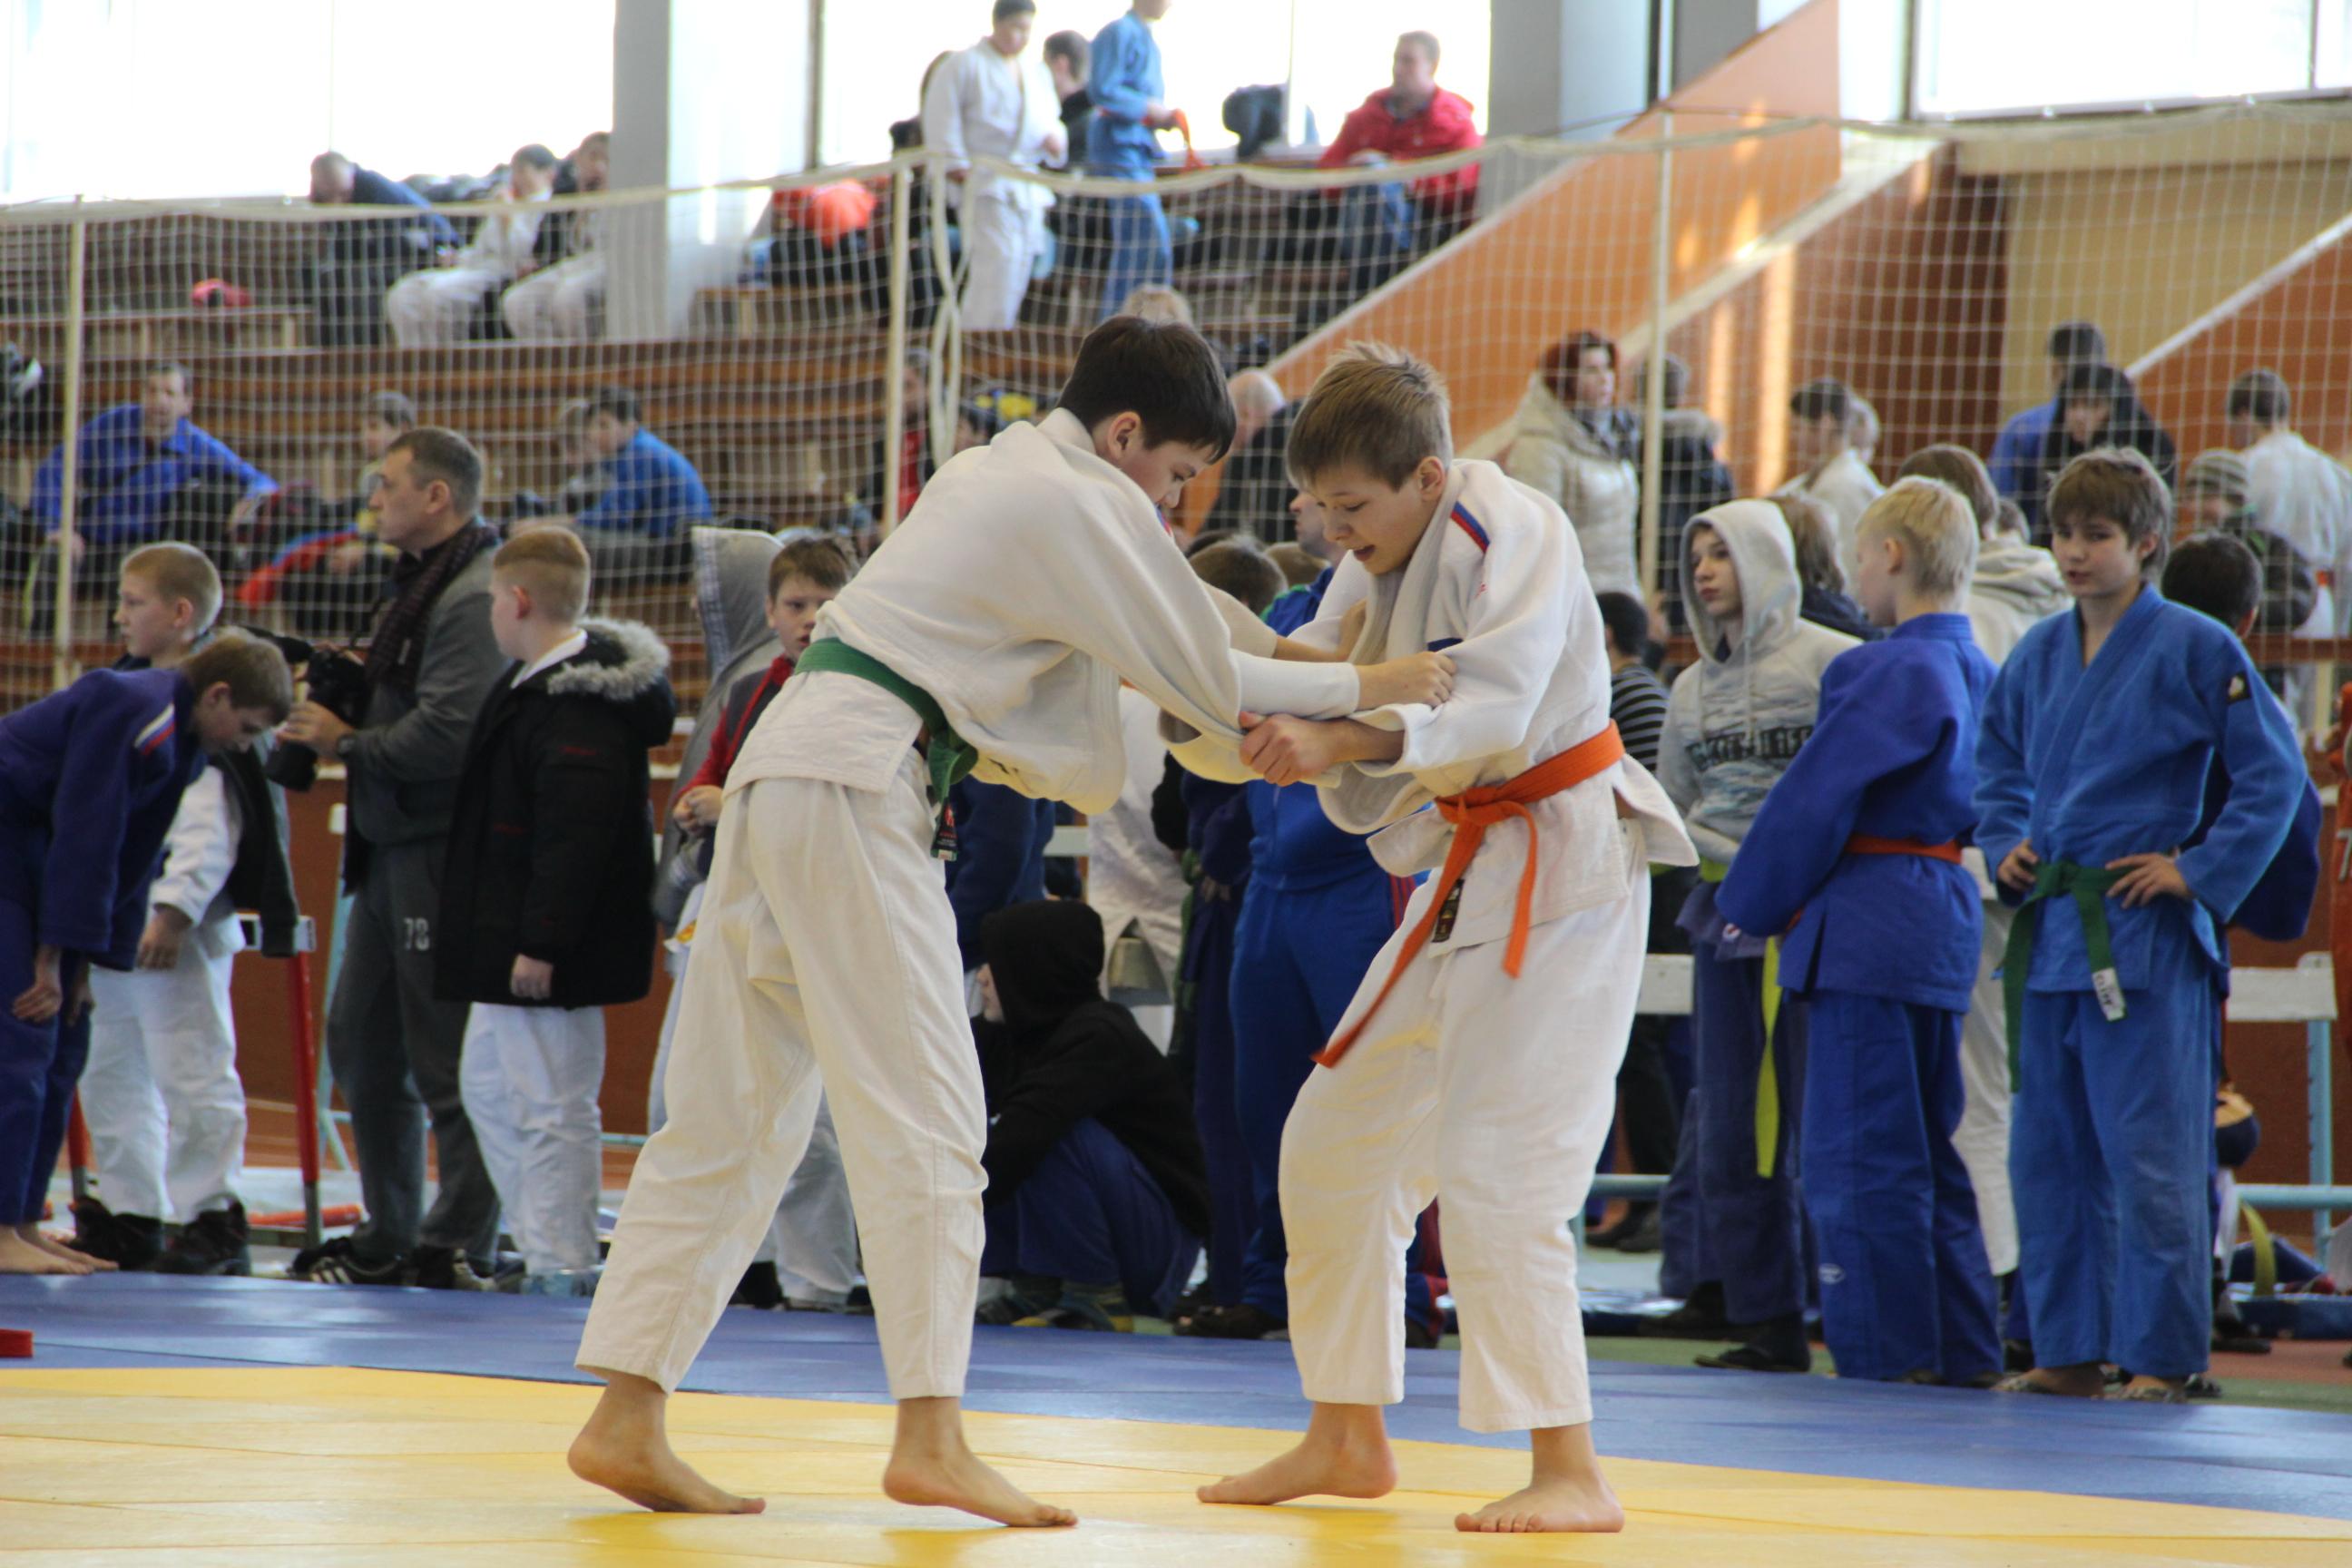 В минувшие выходные в Челябинске состоялся ежегодный всероссийский турнир по дзюдо памяти Петра С